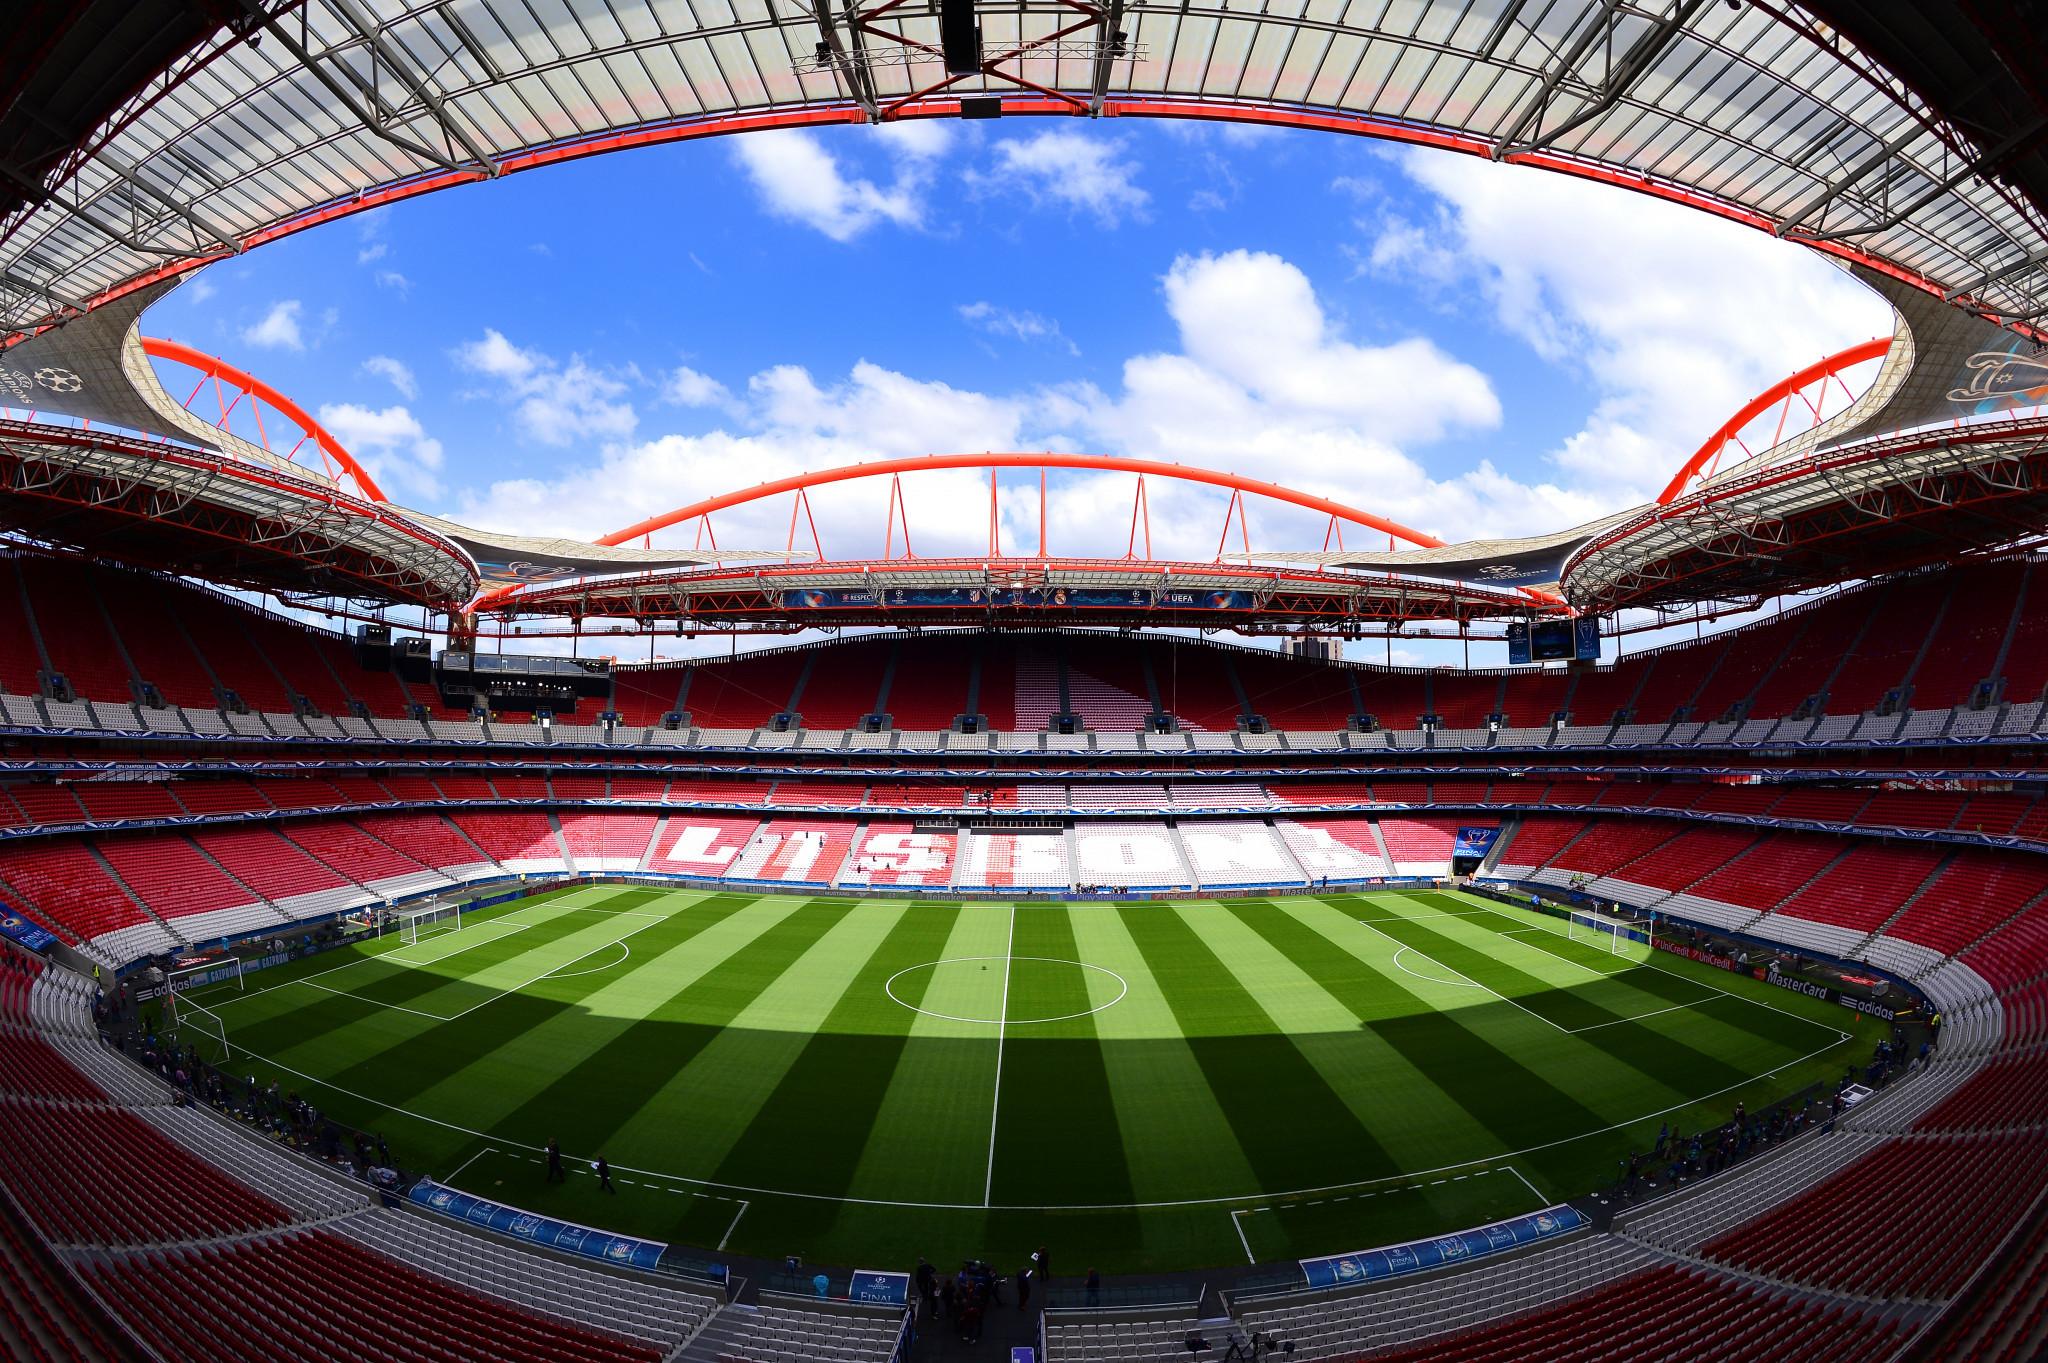 Lisbon's Estádio da Luz is set to host this season's Champions League final ©Getty Images